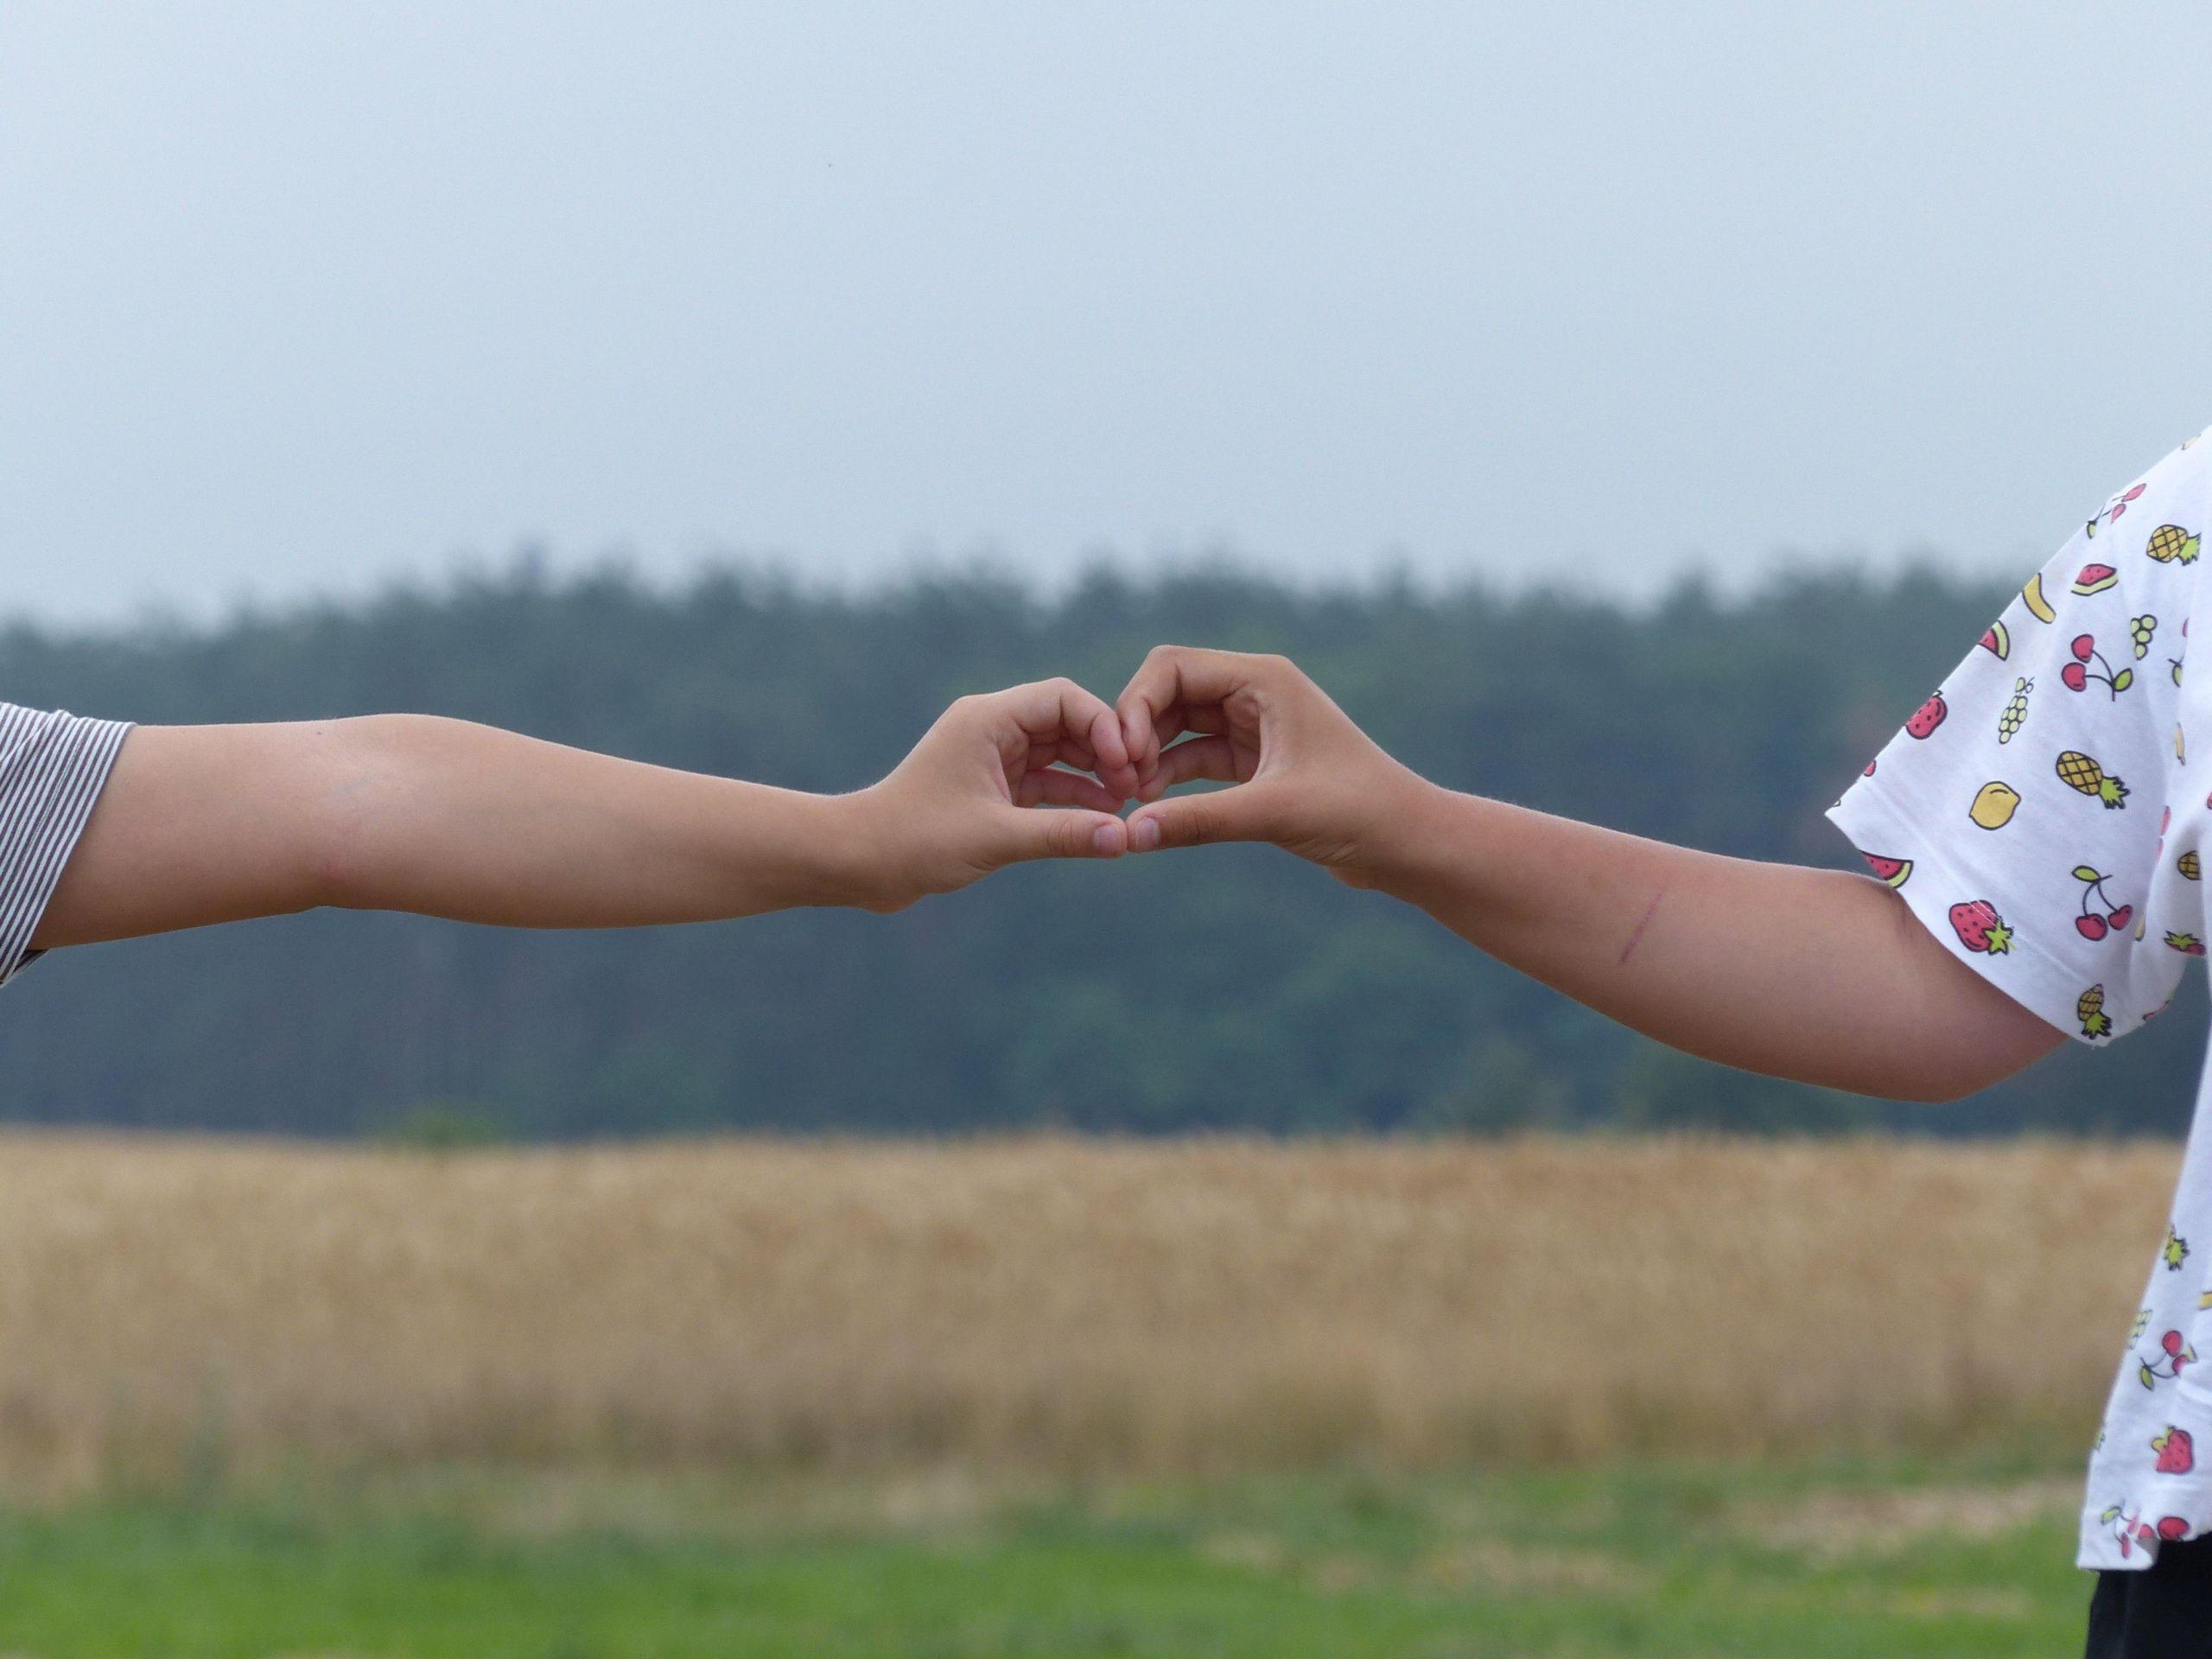 Jedna z działek na sprzedaż pokazana przez pryzmat dziecięcych rąk złożonych w kształcie serca.